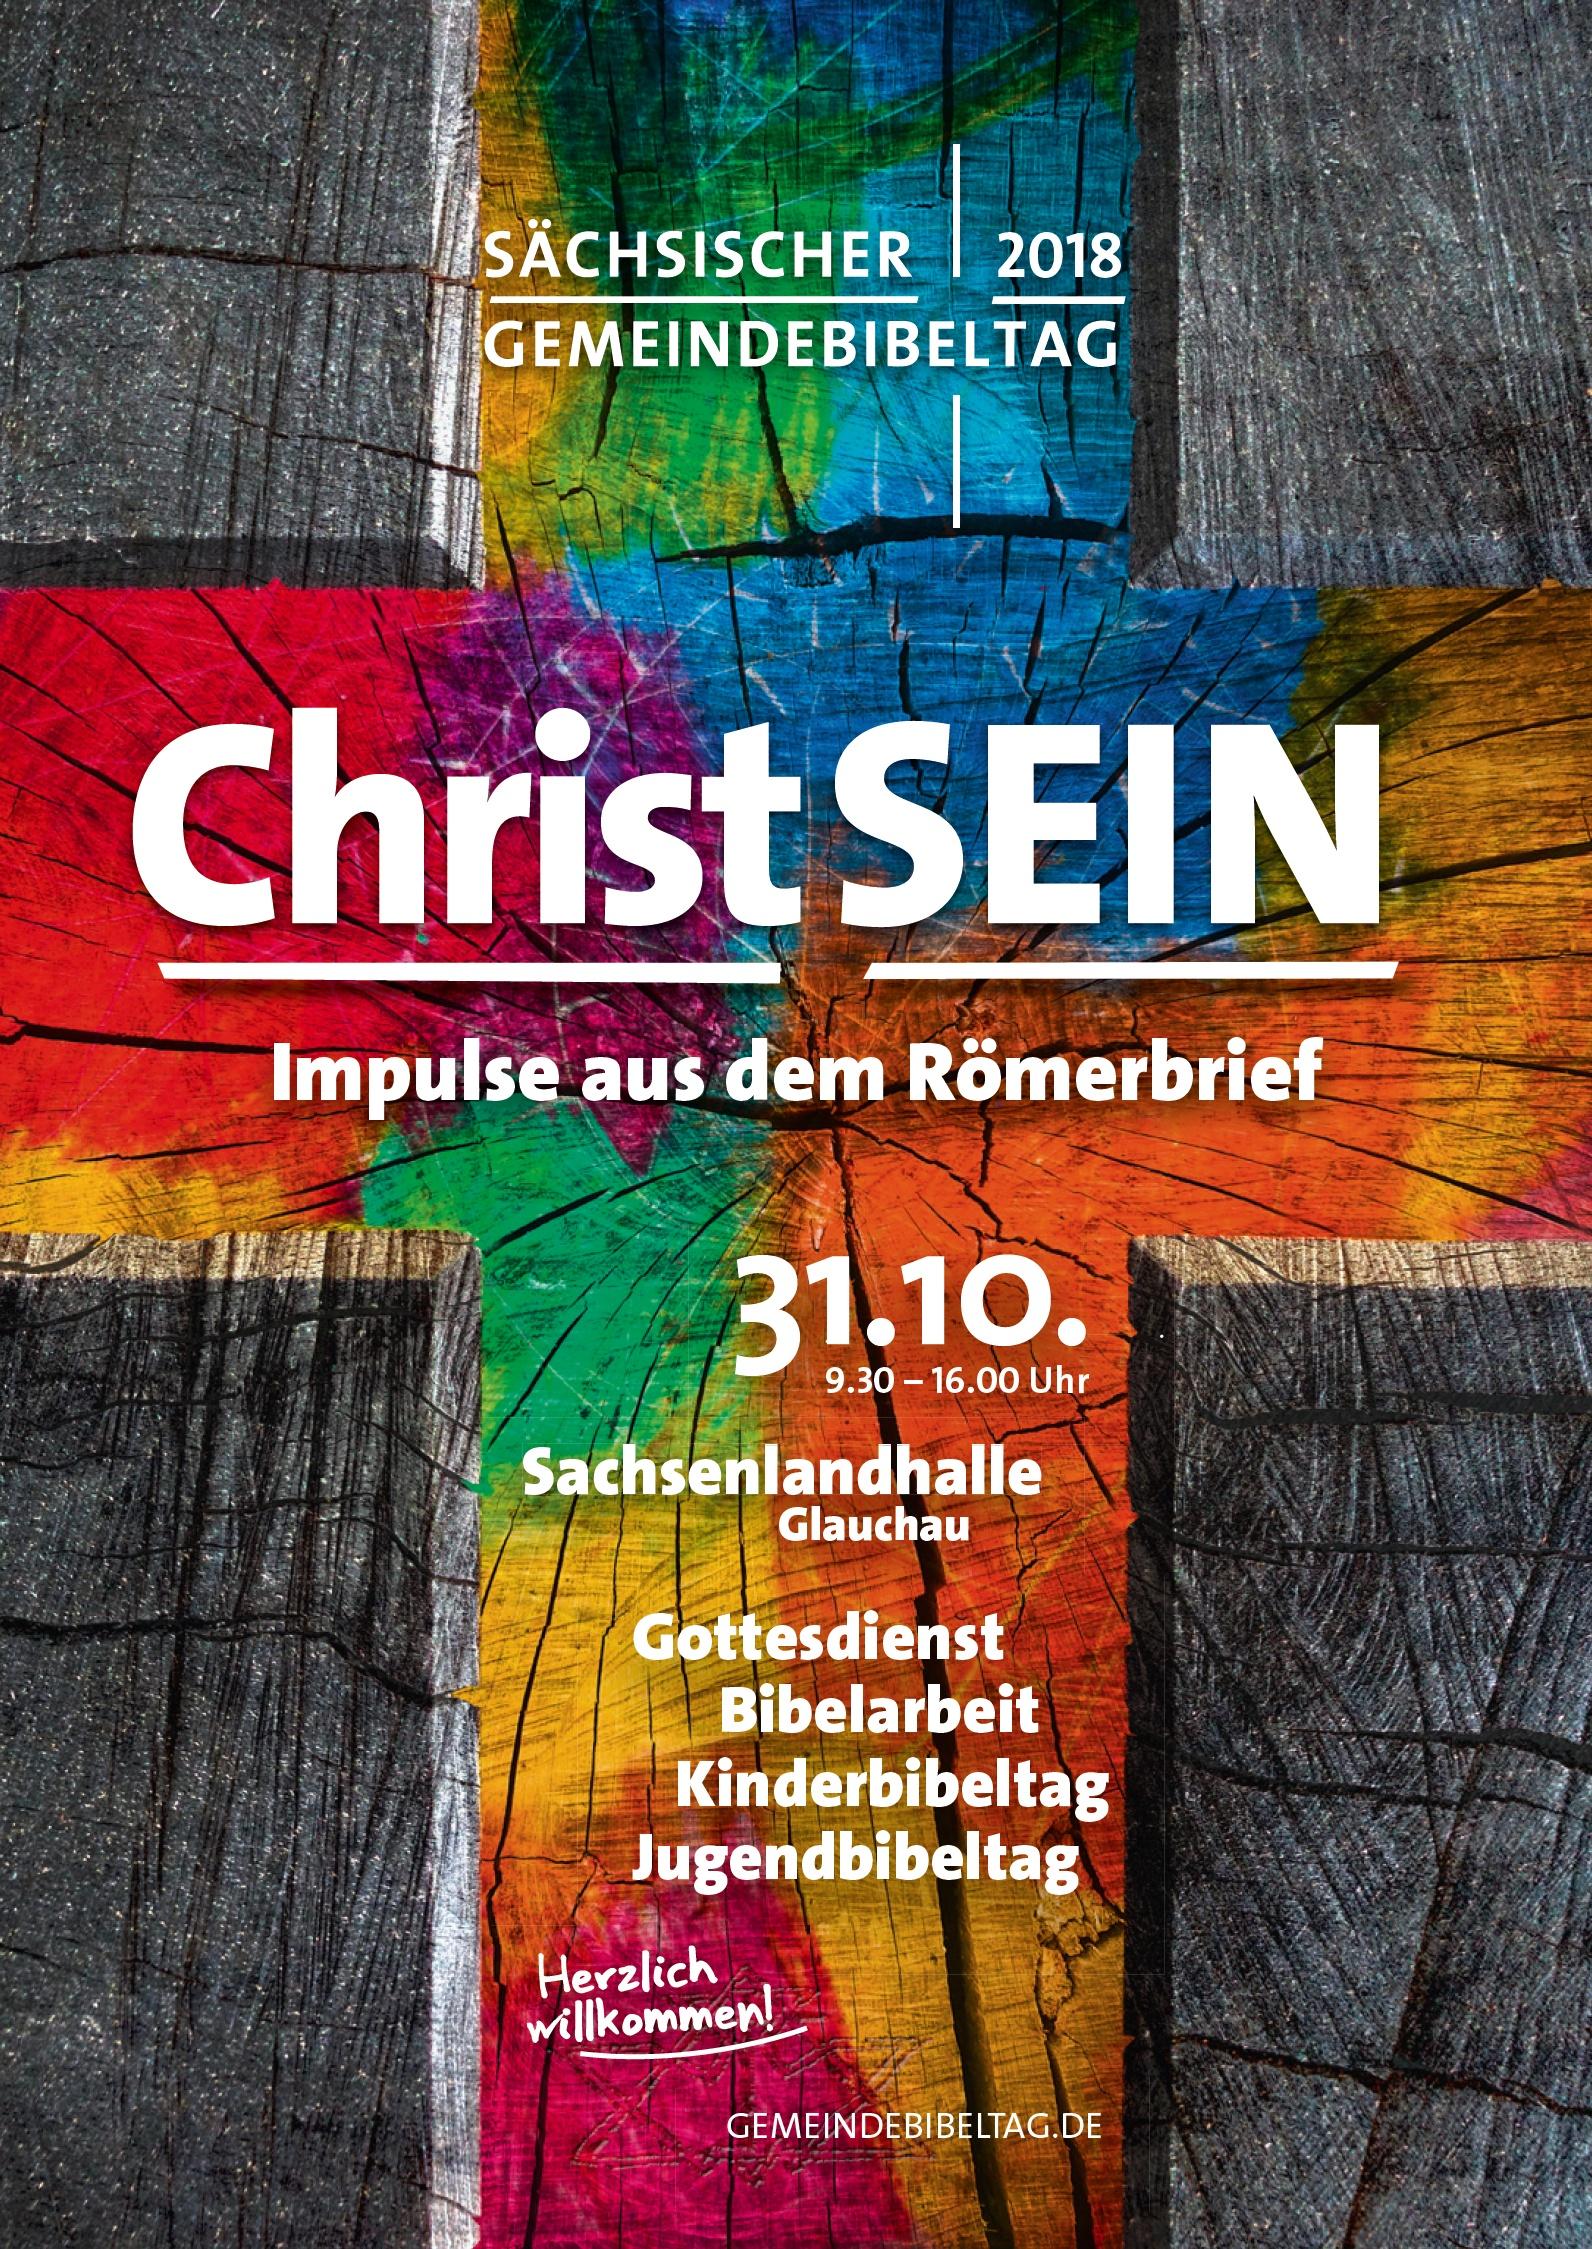 """Sächsischer Gemeindebibeltag 2018 - """"Christsein – Impulse aus dem Römerbrief"""